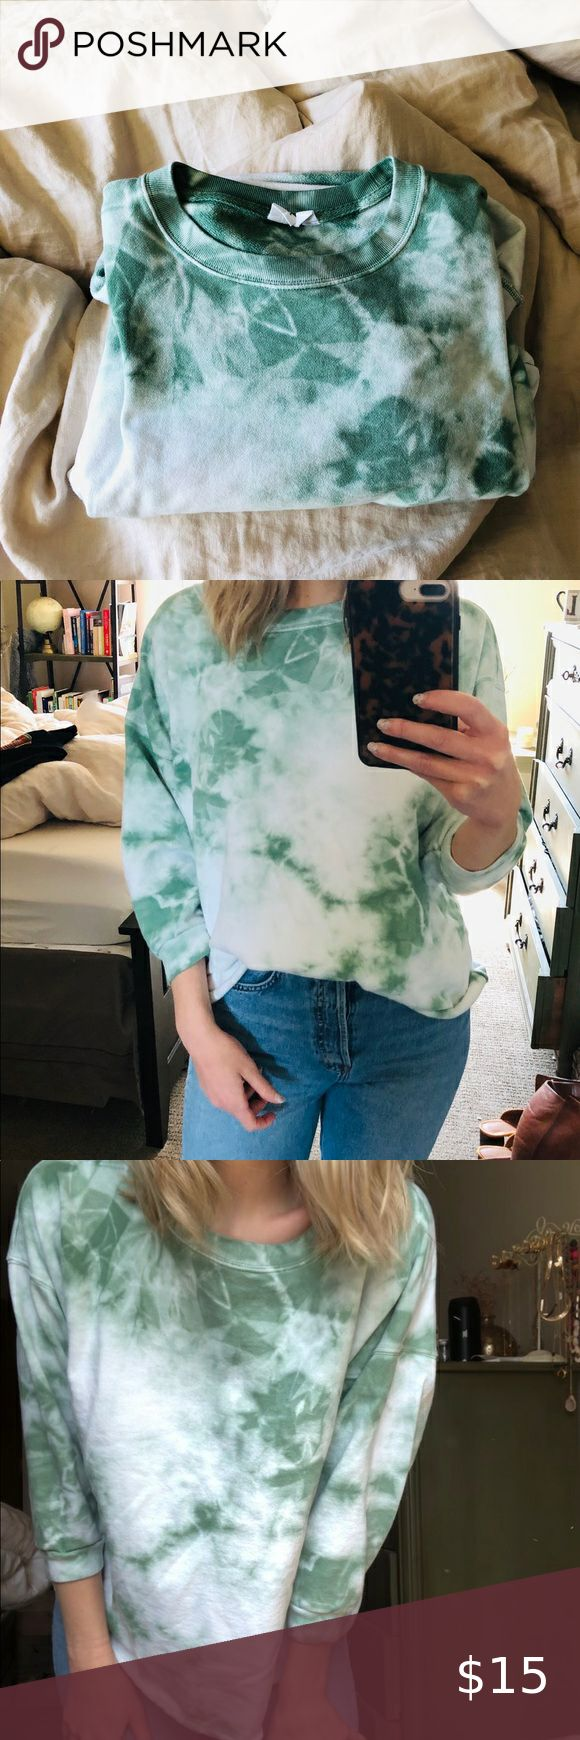 Gap Tie Dye Sweatshirt Tie Dye Sweatshirt Clothes Design Sweatshirts [ 1740 x 580 Pixel ]